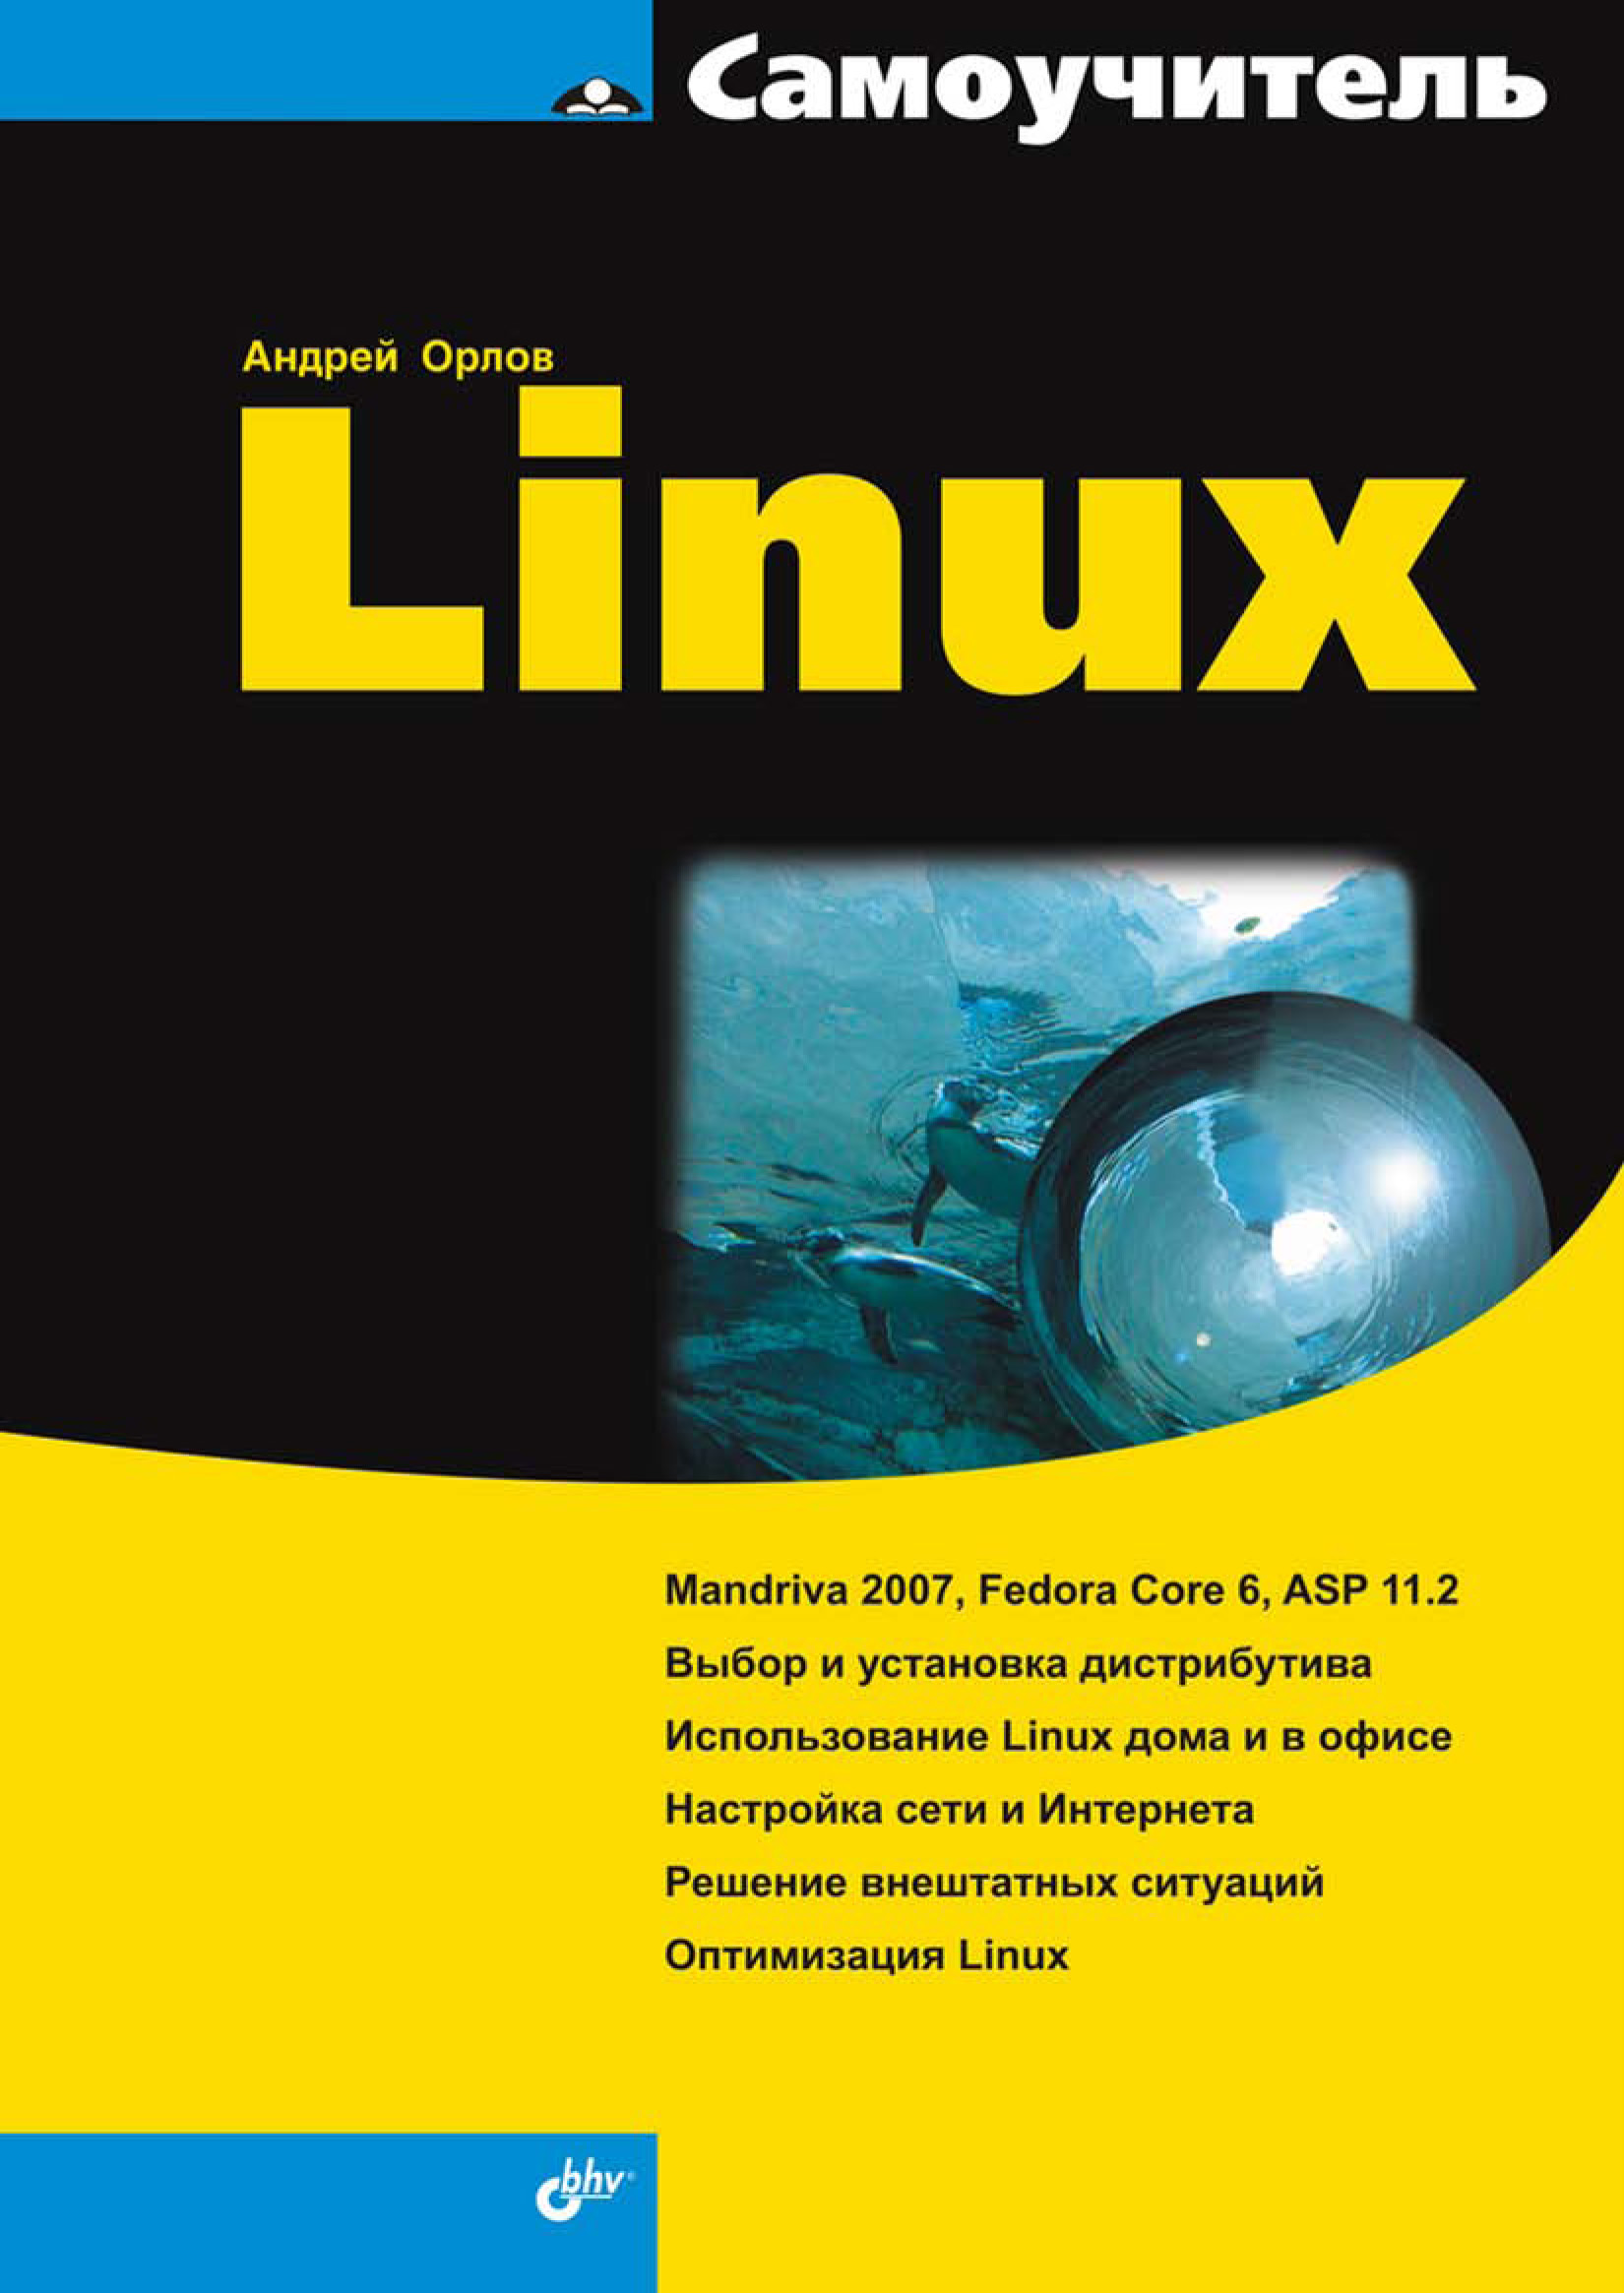 Андрей Орлов Самоучитель Linux алексей знаменский визуальный самоучитель интернета